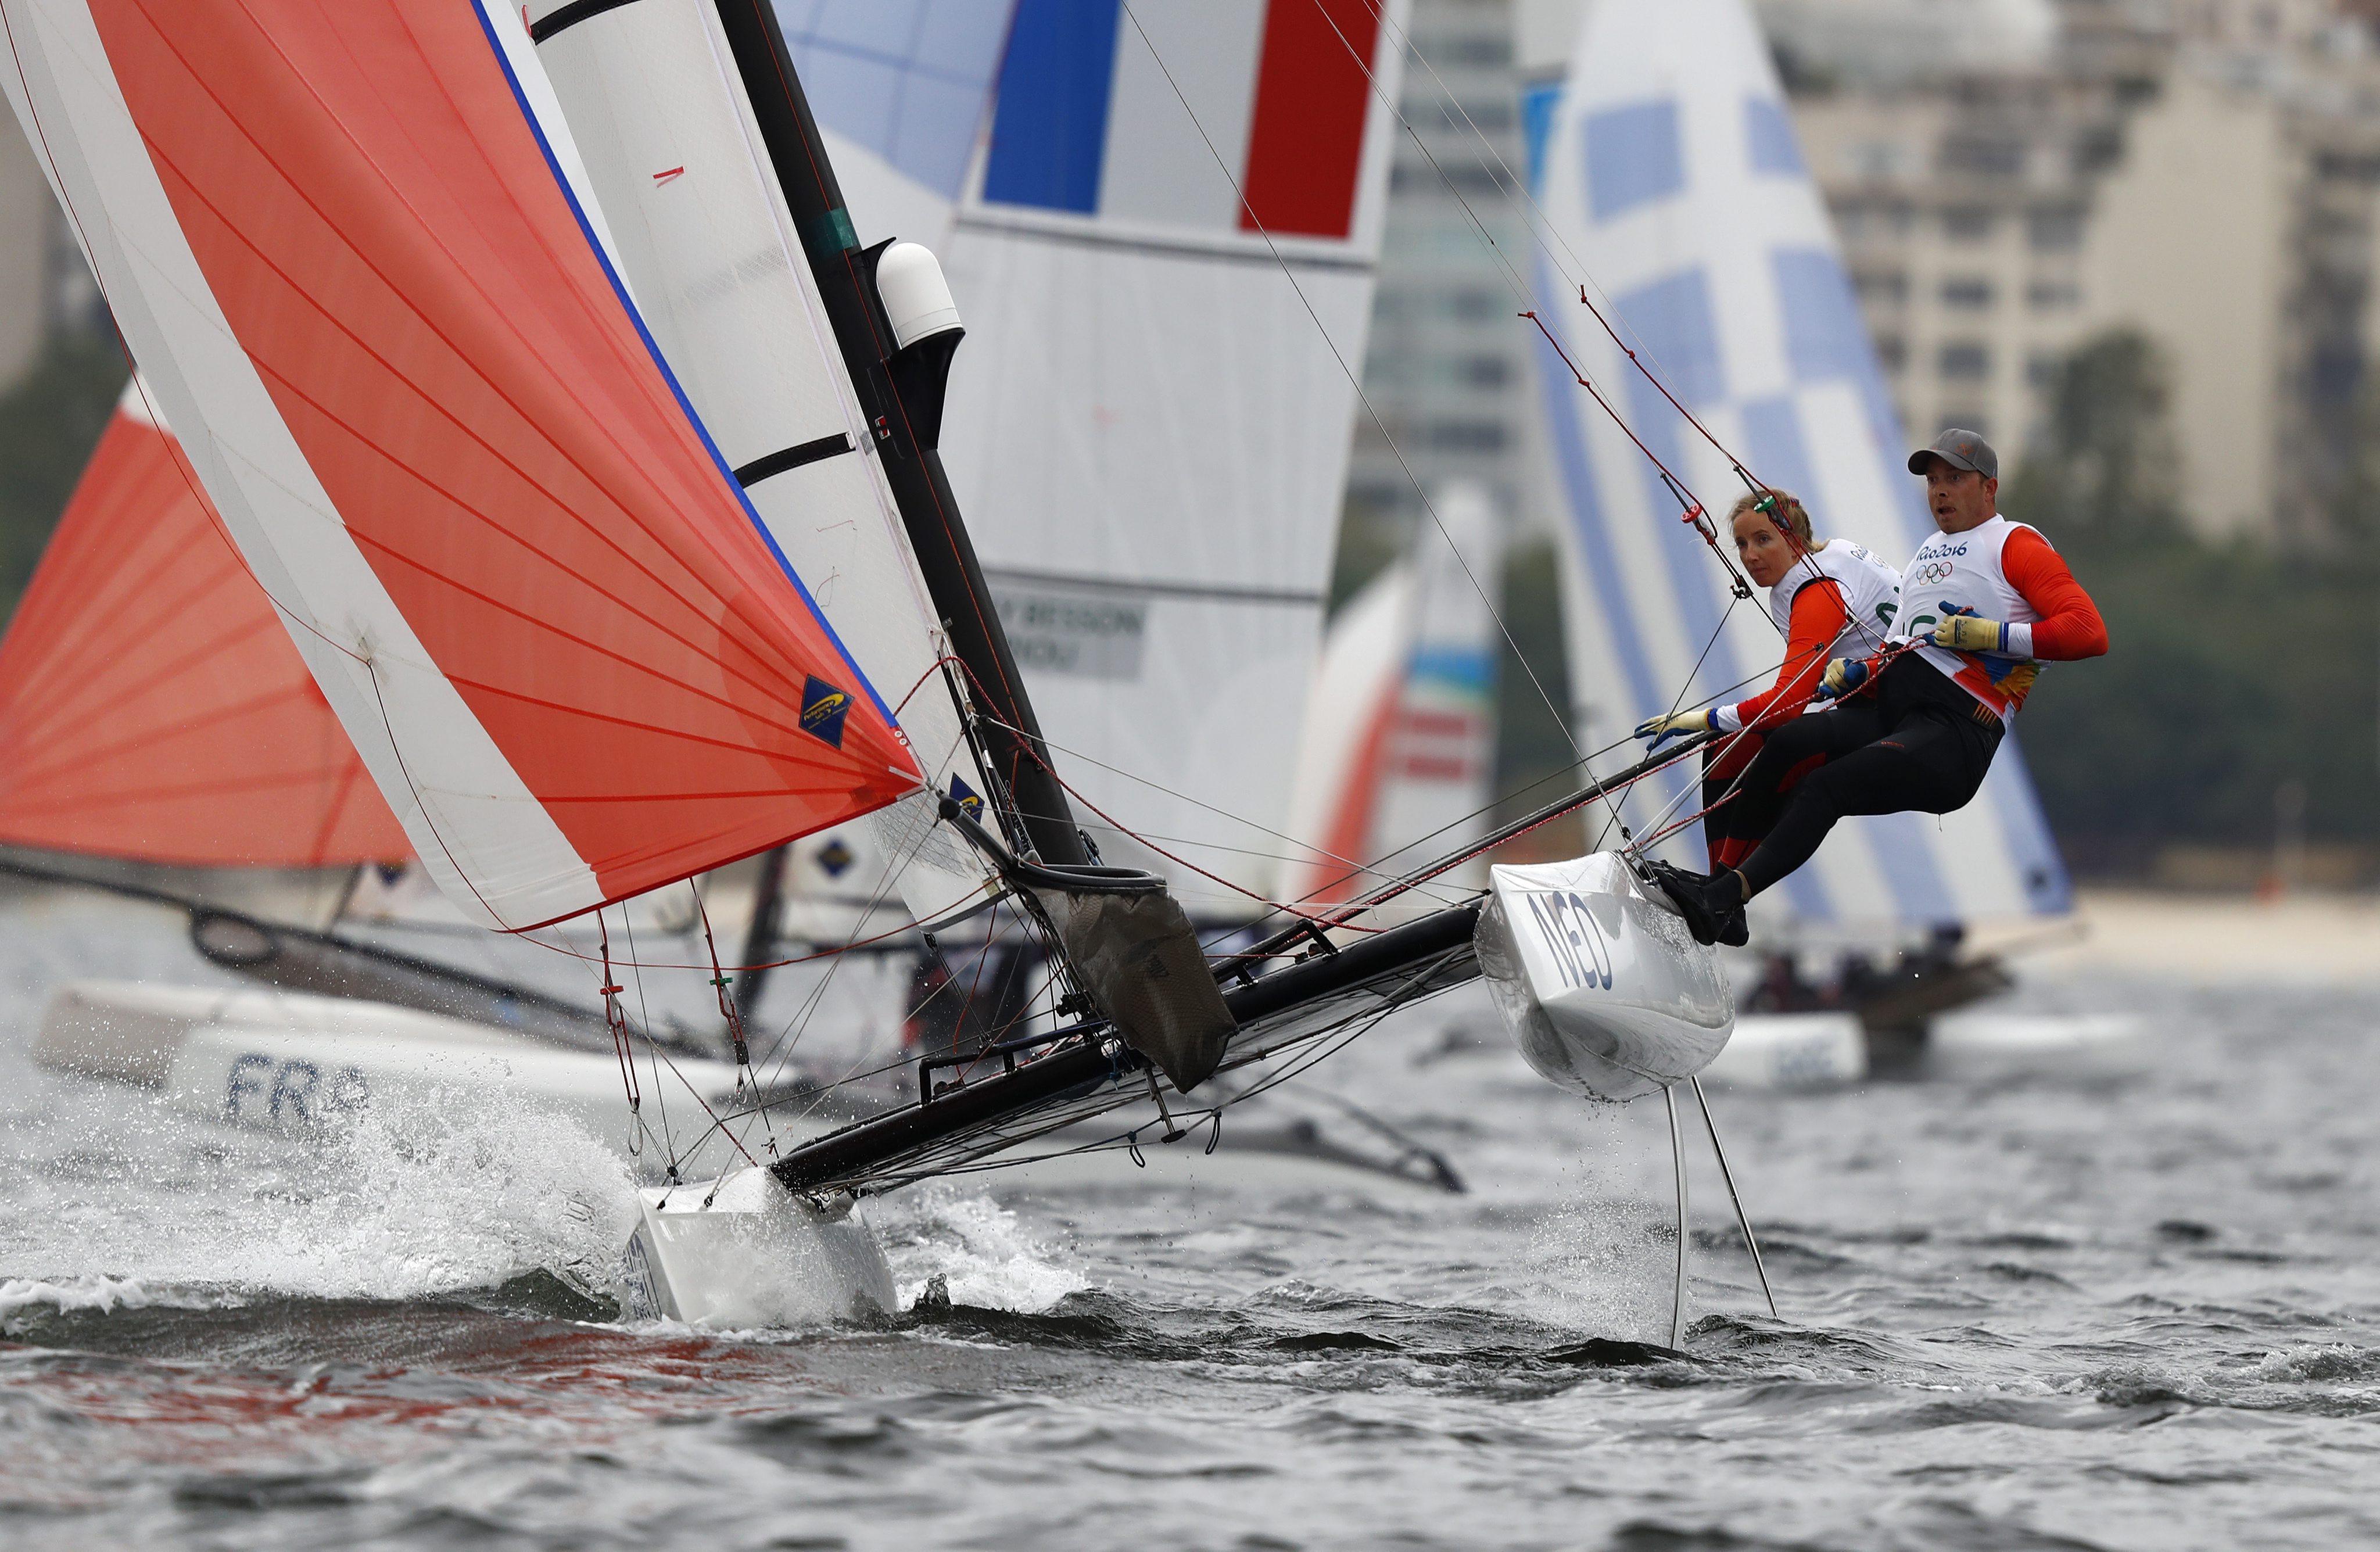 Voormalig olympisch zeiler Coen de Koning is nu de coach van Deense medaillekandidaten, maar zelf nog niet zeker van de Spelen van Tokio